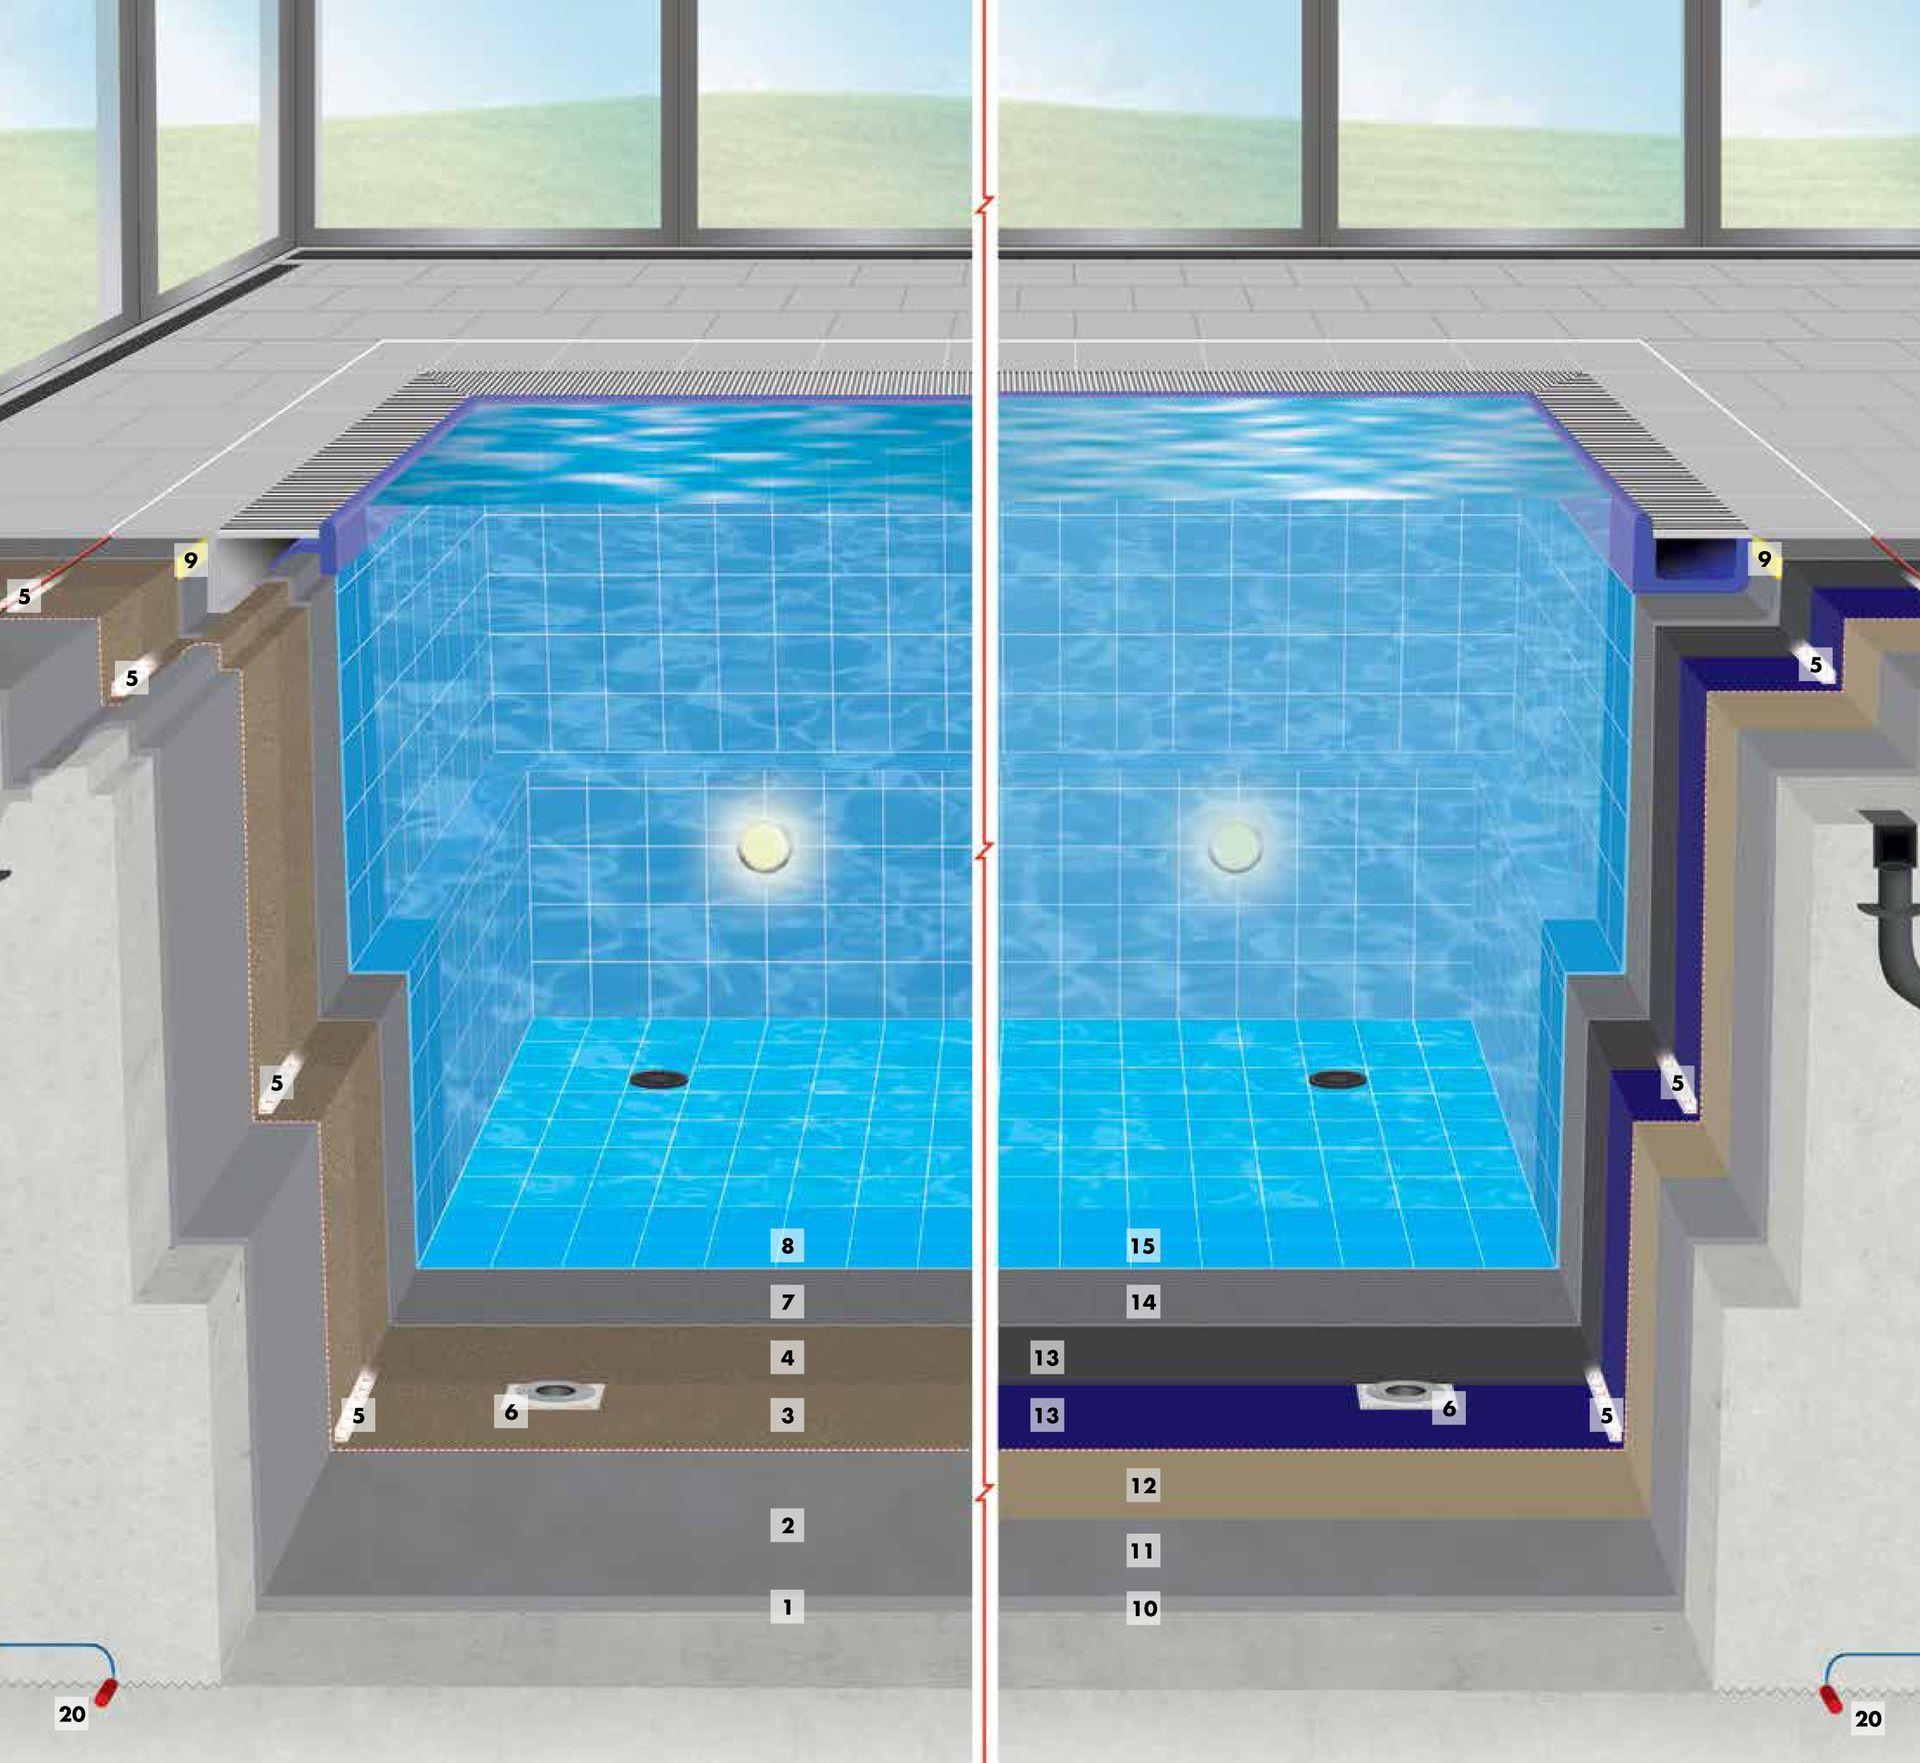 fliesen verlegung und abdichtung in schwimmbad und sauna ais. Black Bedroom Furniture Sets. Home Design Ideas